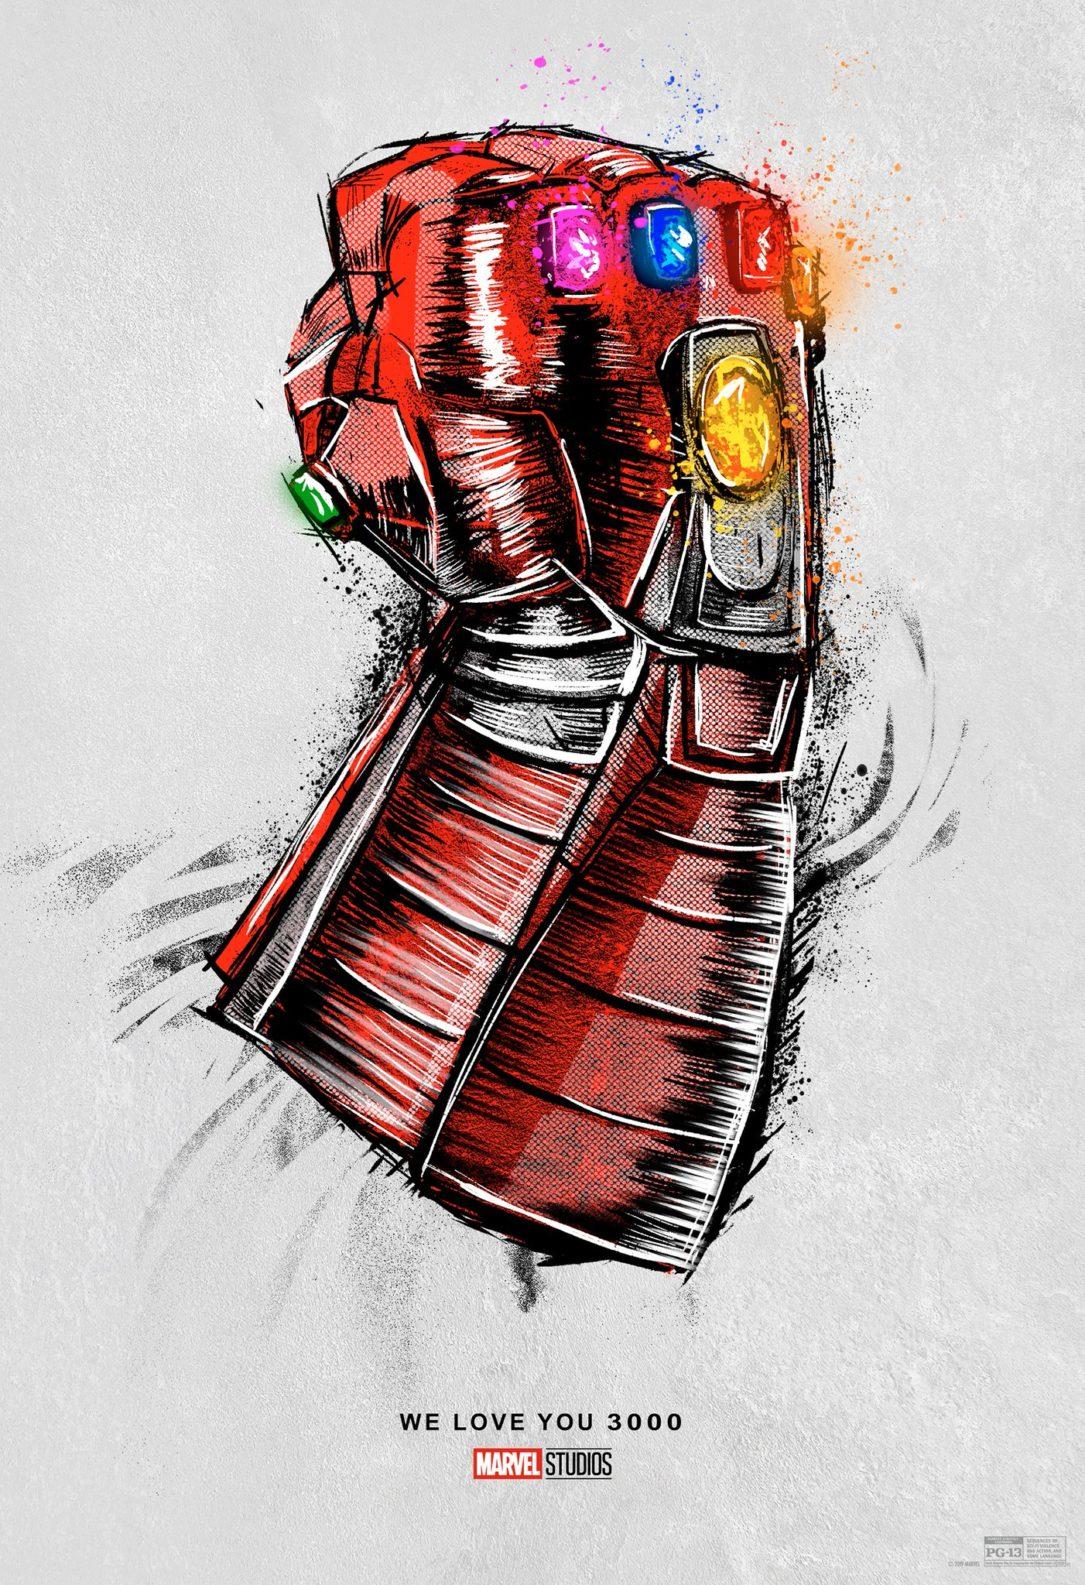 Avengers: Endgame re-release poster